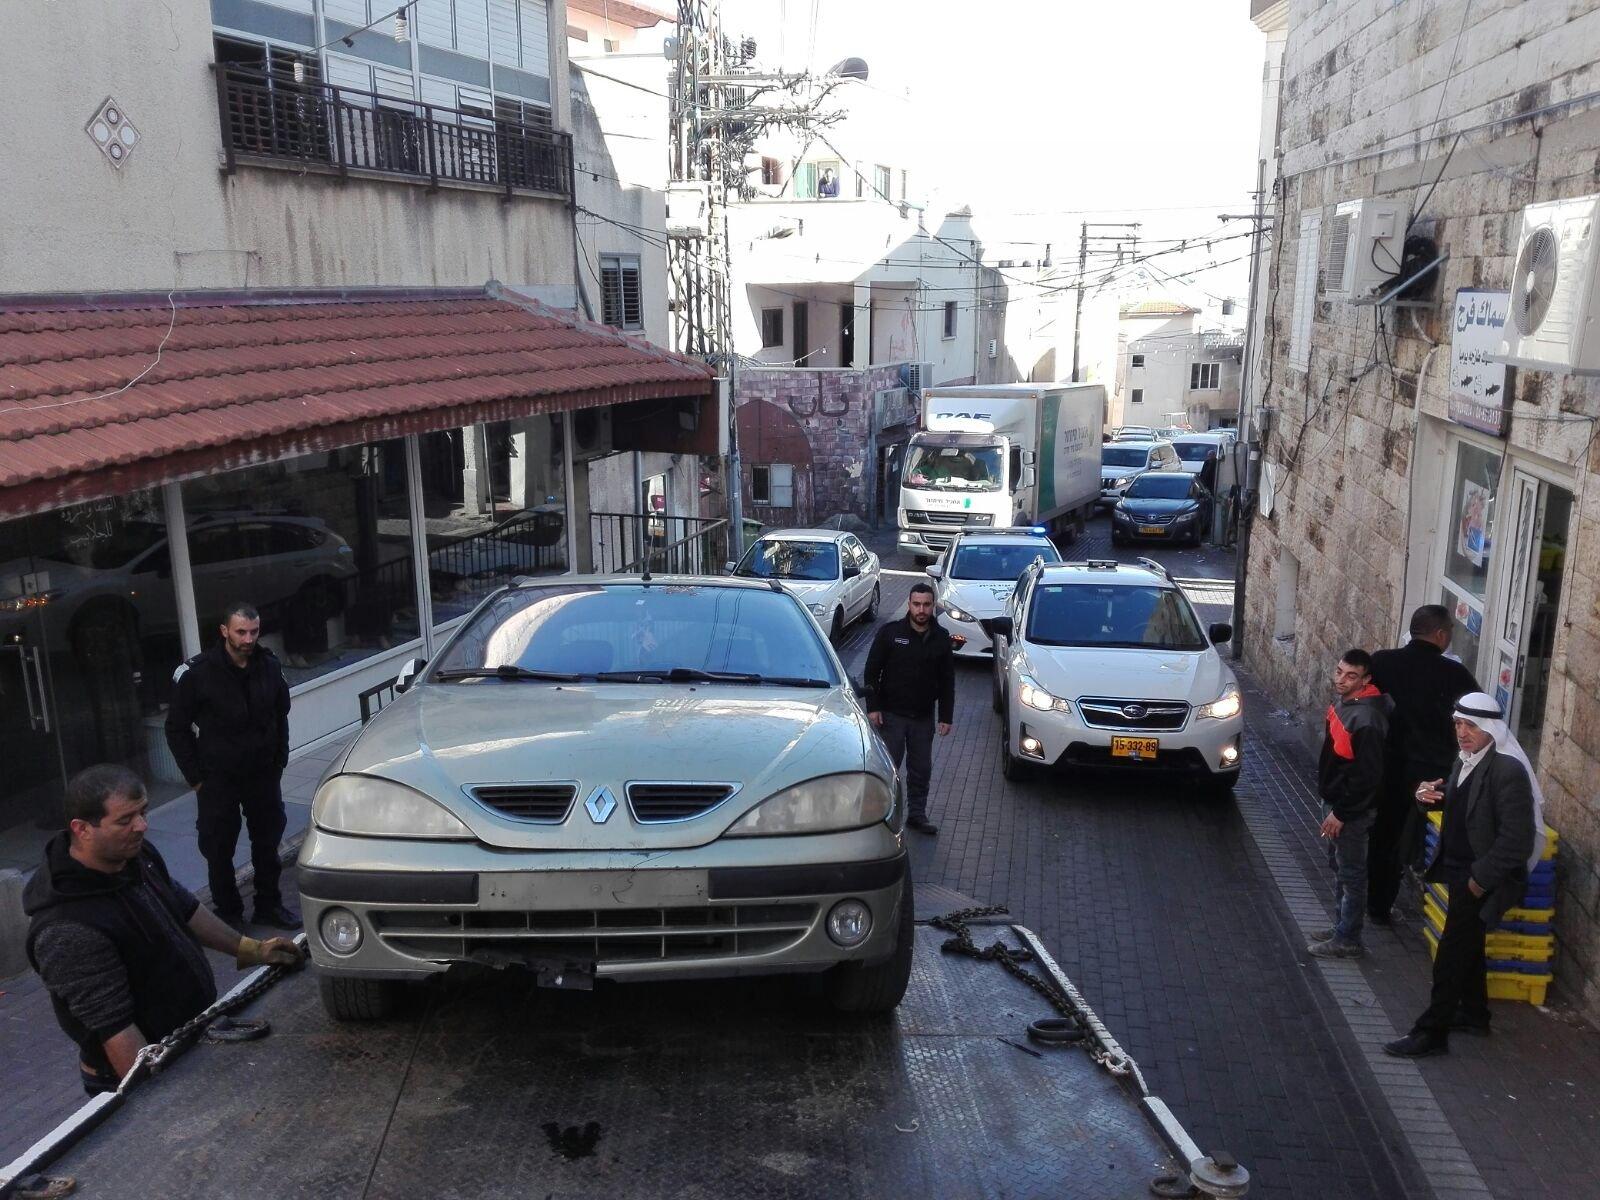 أم الفحم - بعد وضع الإنذارات: رفعُ 19 سيارة متروكة ومعطلة من شوارع المدينة